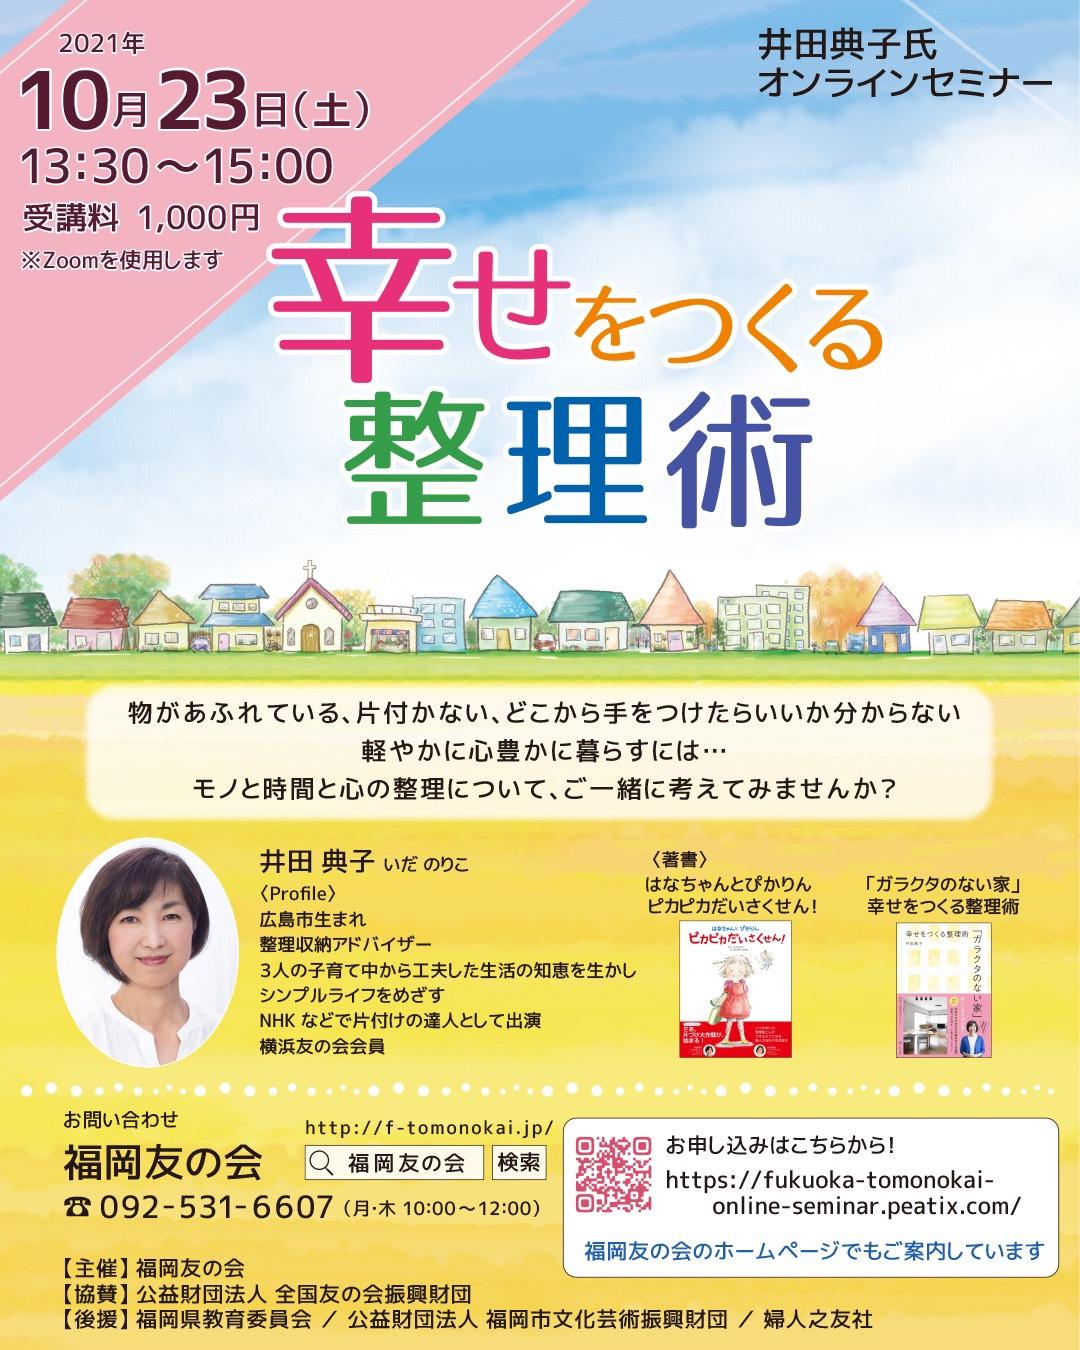 井田典子氏オンラインセミナー「幸せをつくる整理術」